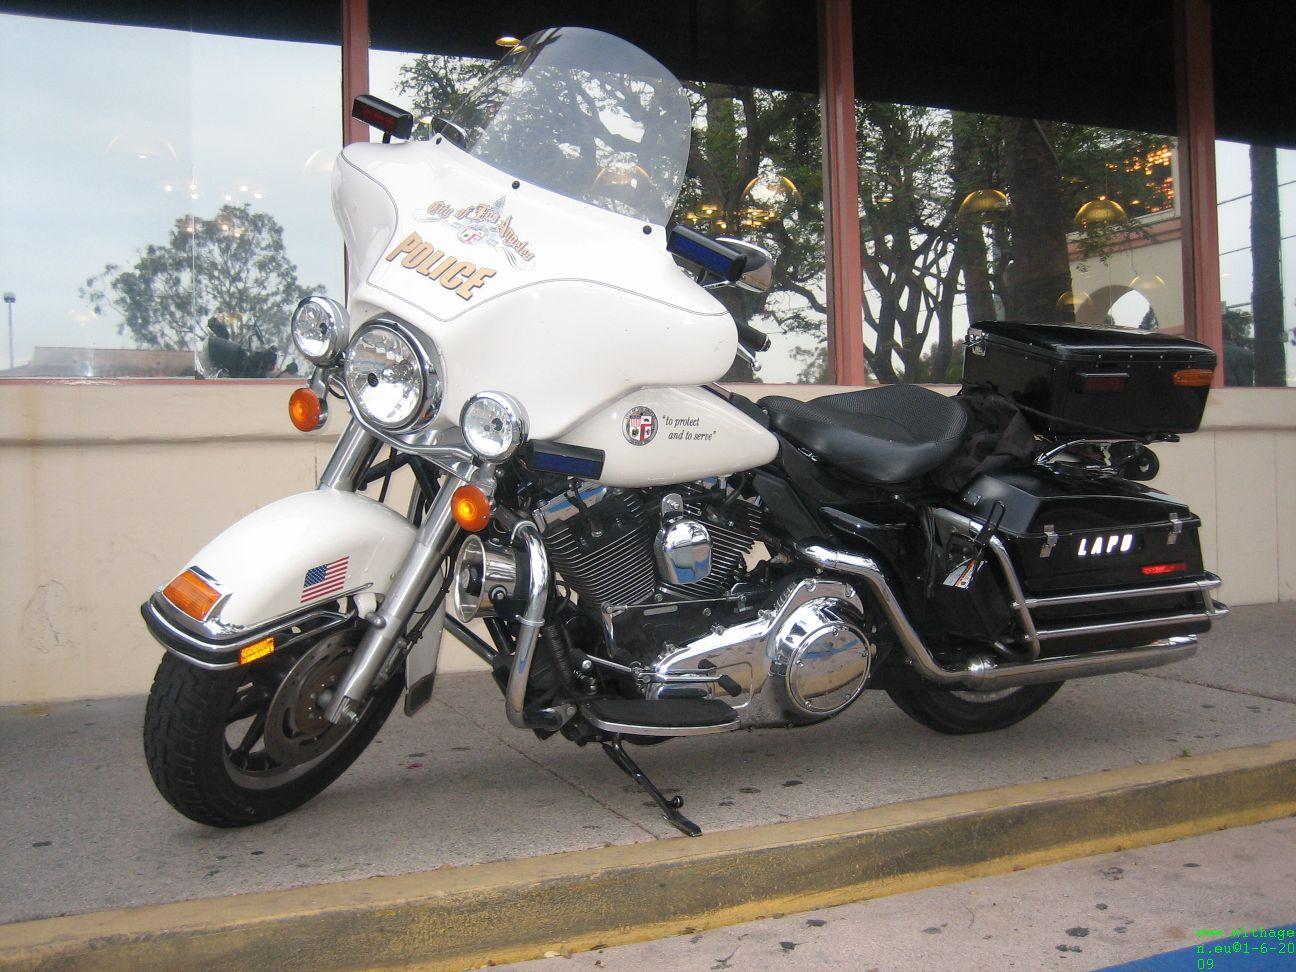 Politie motor van LAPD bij Hacienda hotel